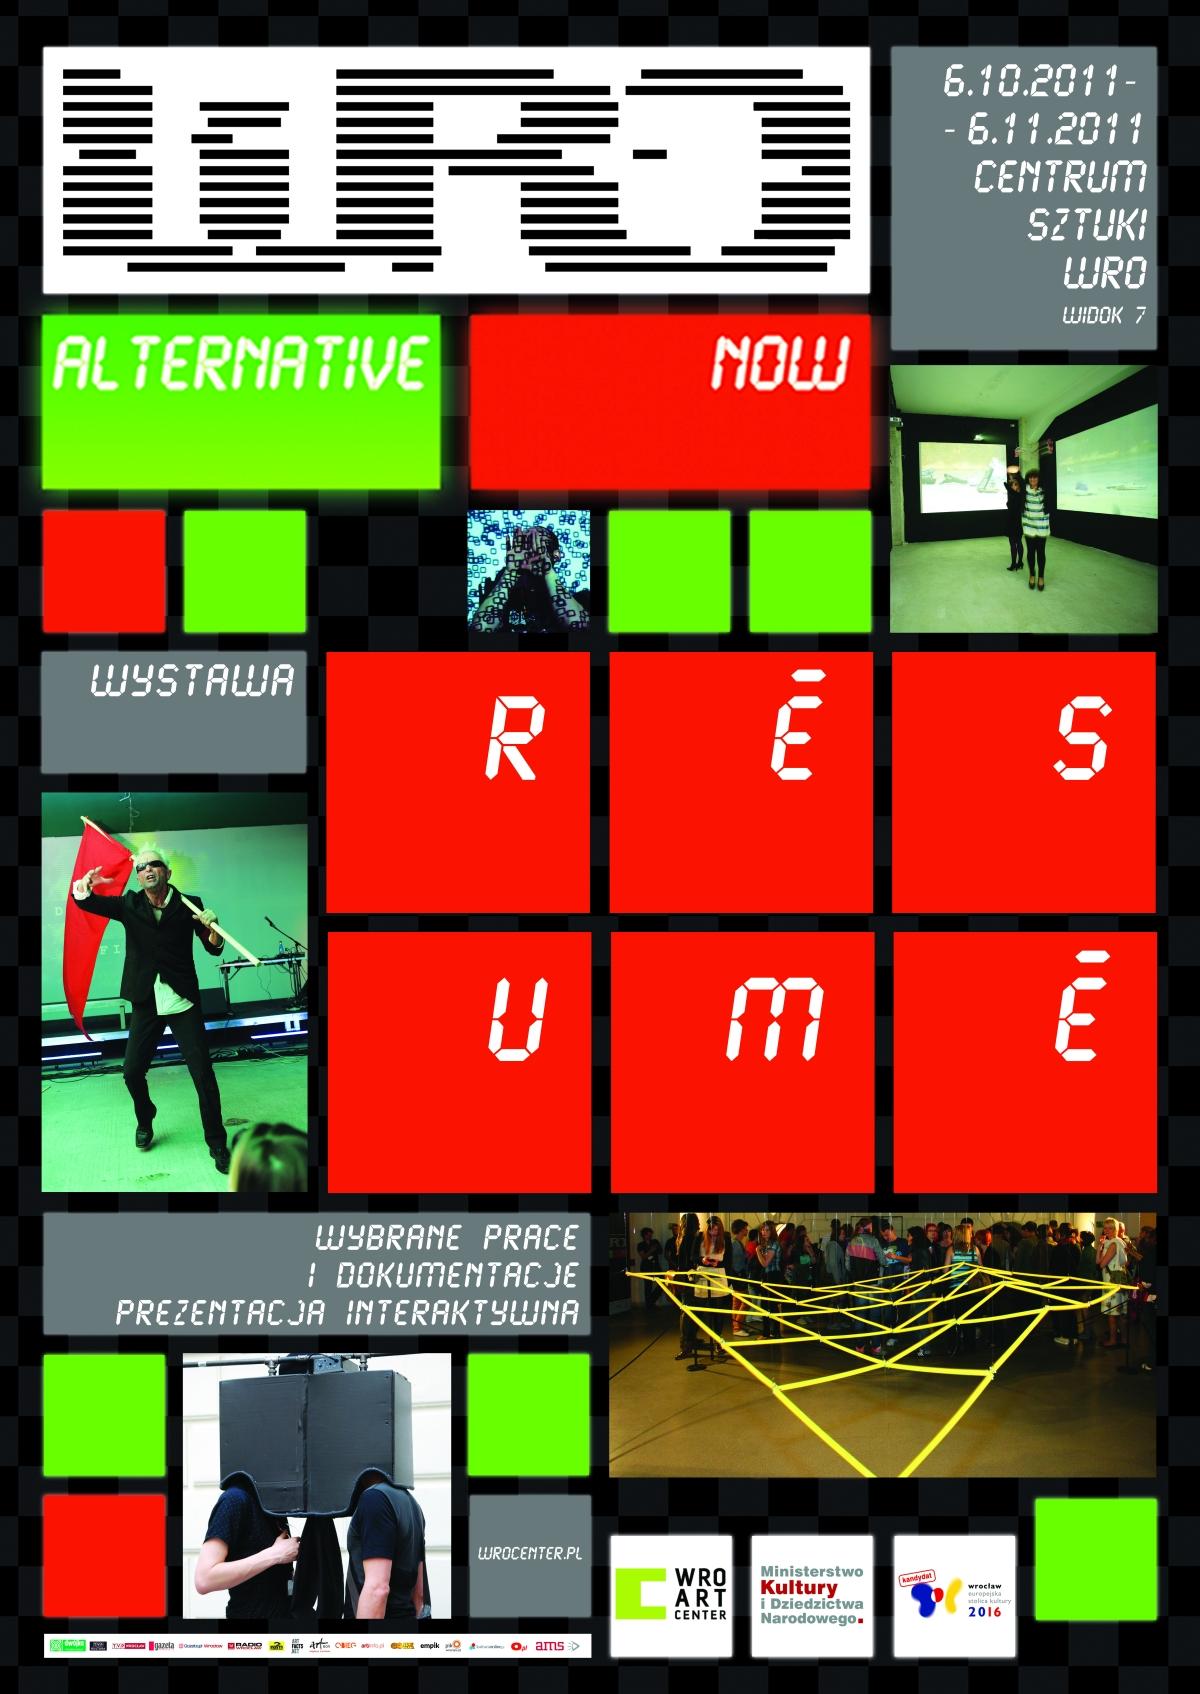 WRO Alternative Now Résumé - plakat (źródło: materiały prasowe organizatora)